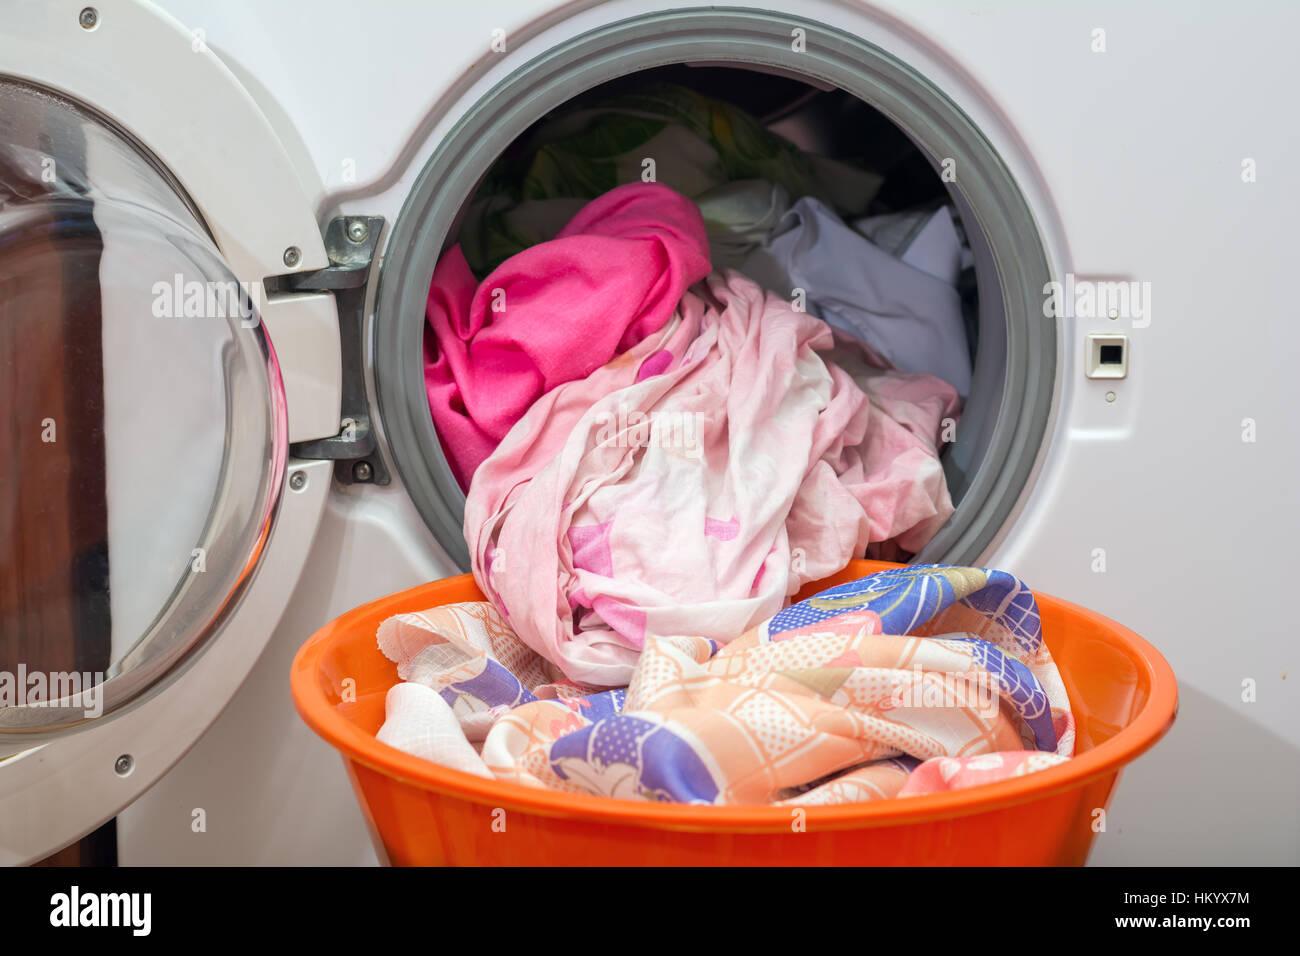 Laundry - Stock Image